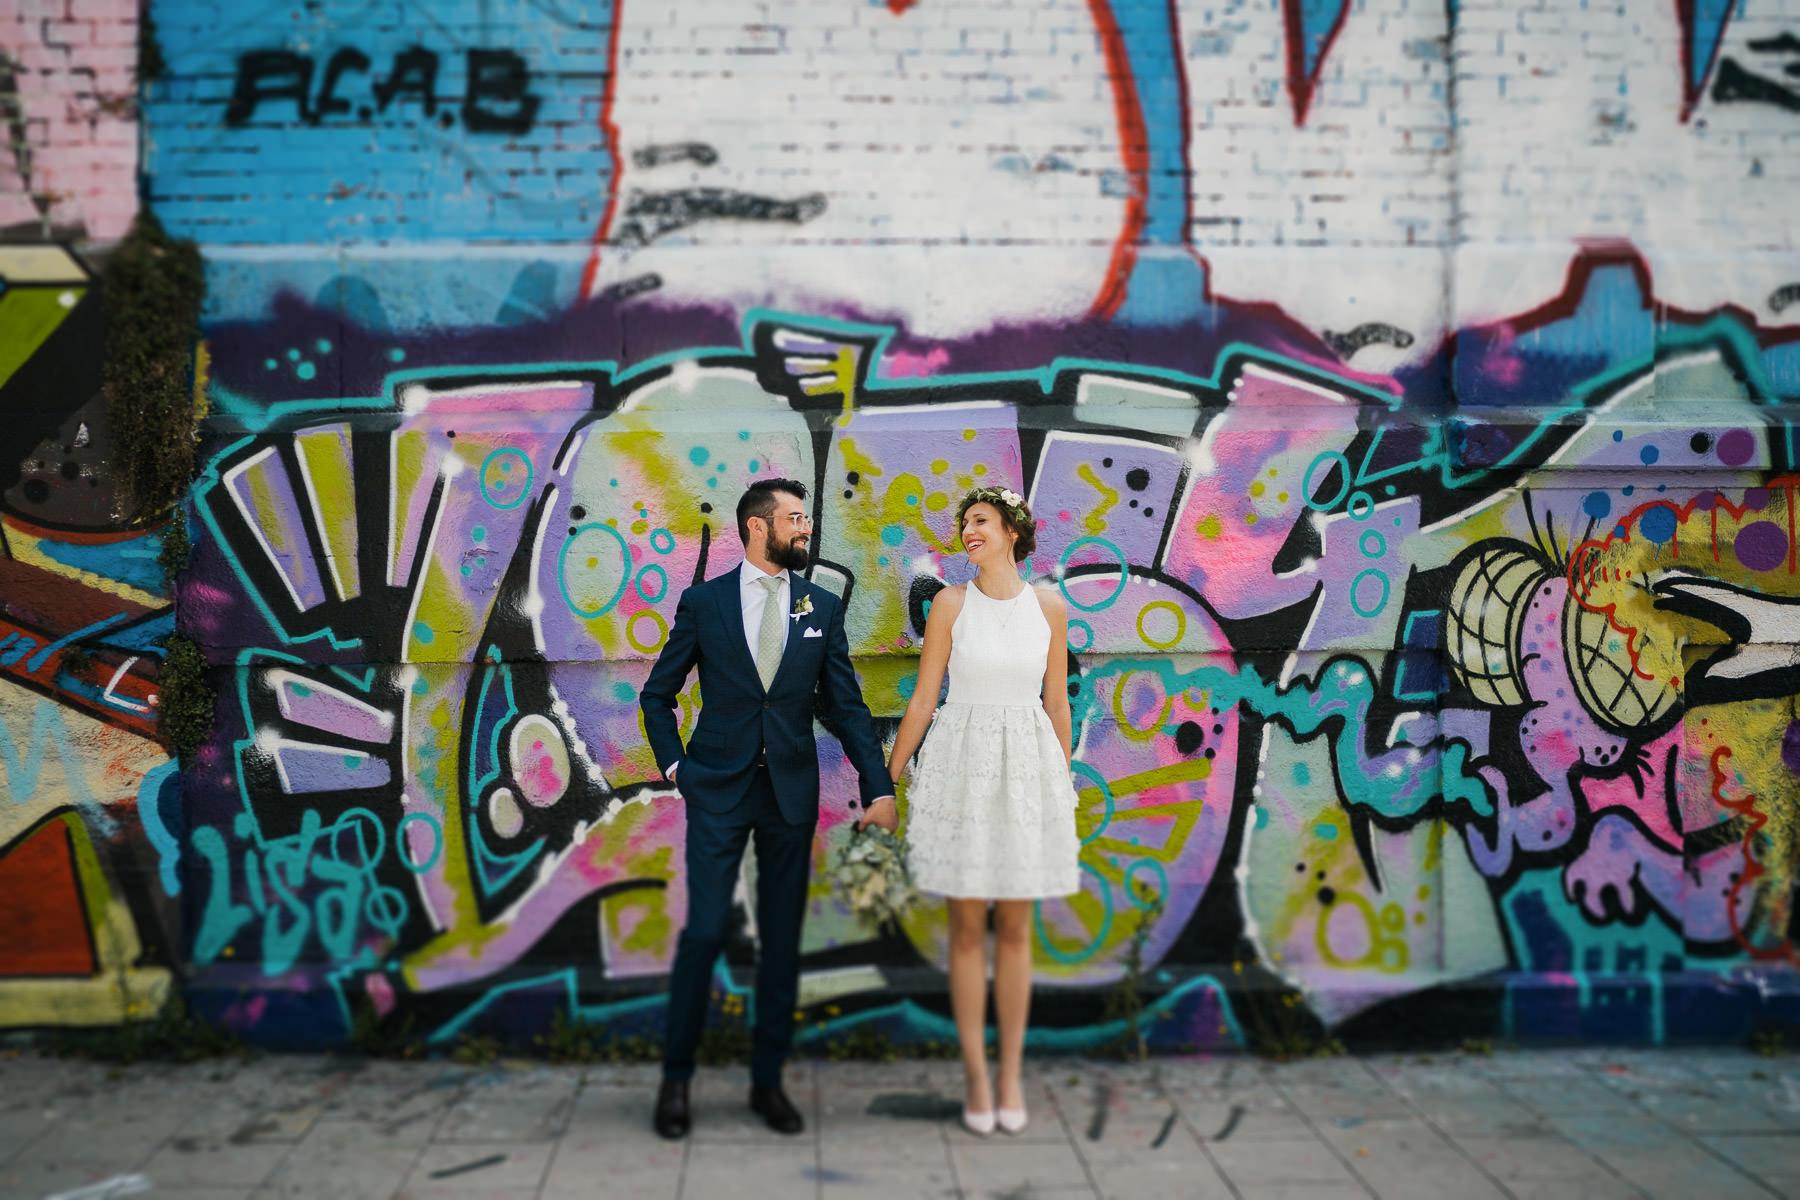 Hochzeit Im Standesamt Munchen Kvr Ruppertstrasse Hochzeitsfotograf Munchen Bayern Chris Eberhardt